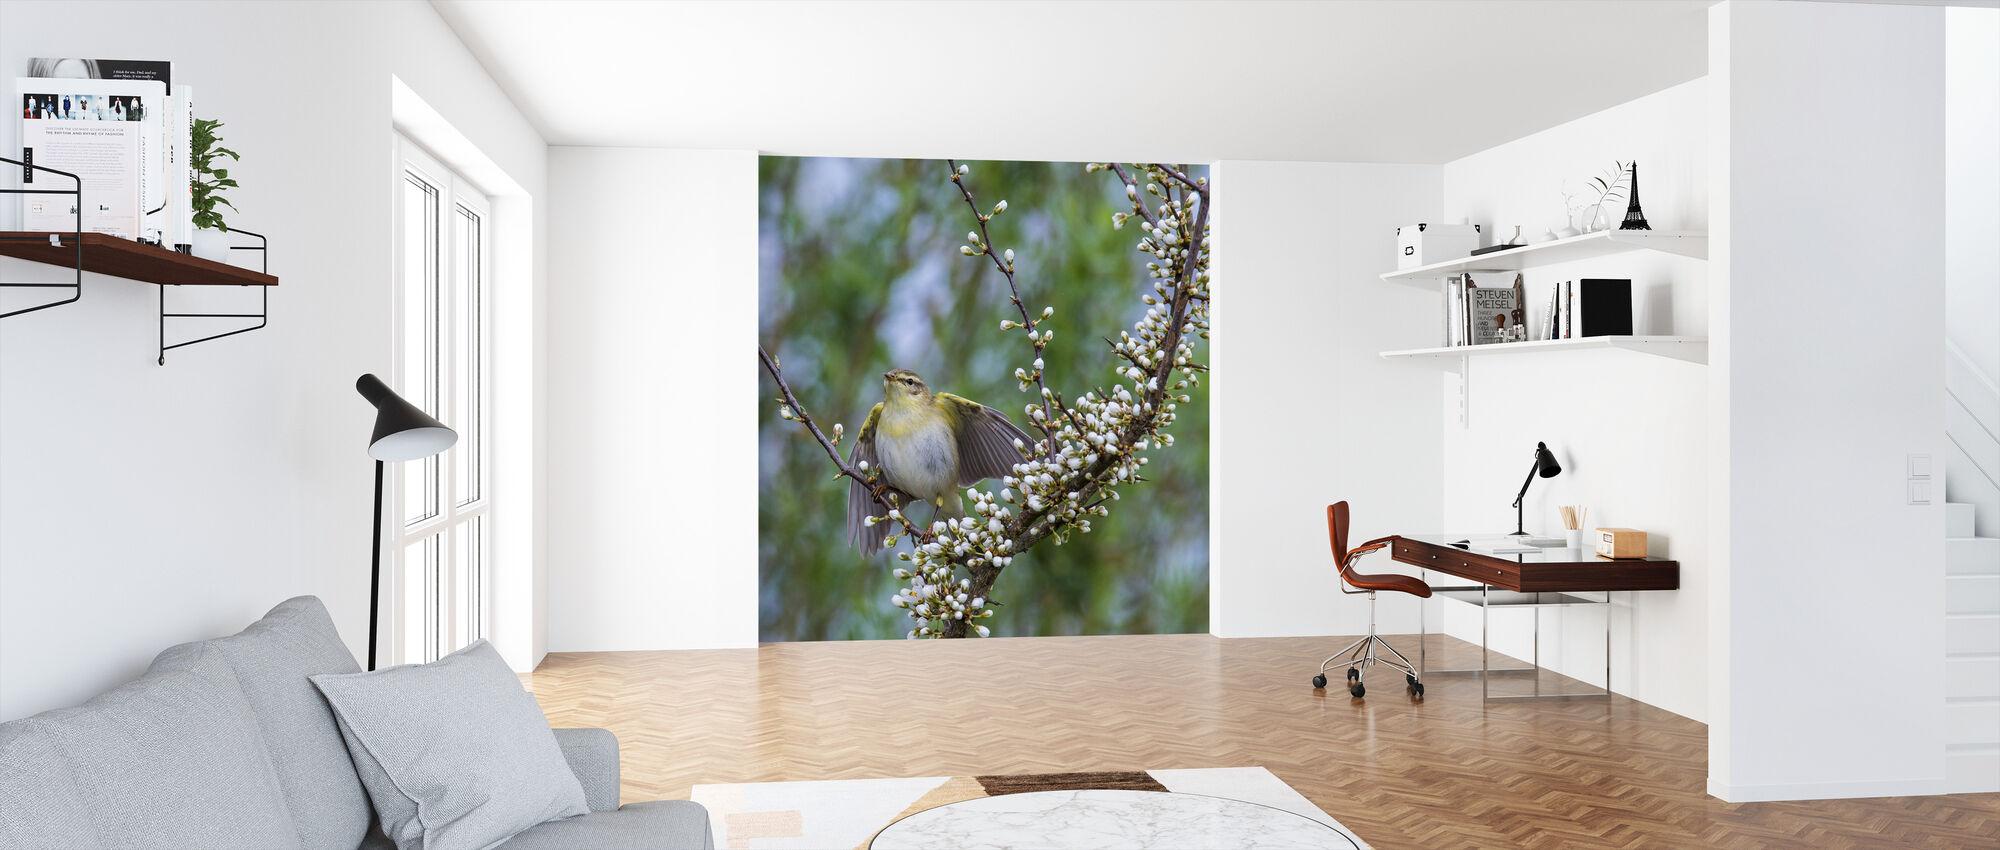 Wood Warbler in Flowering Blackthorn Bush - Wallpaper - Office